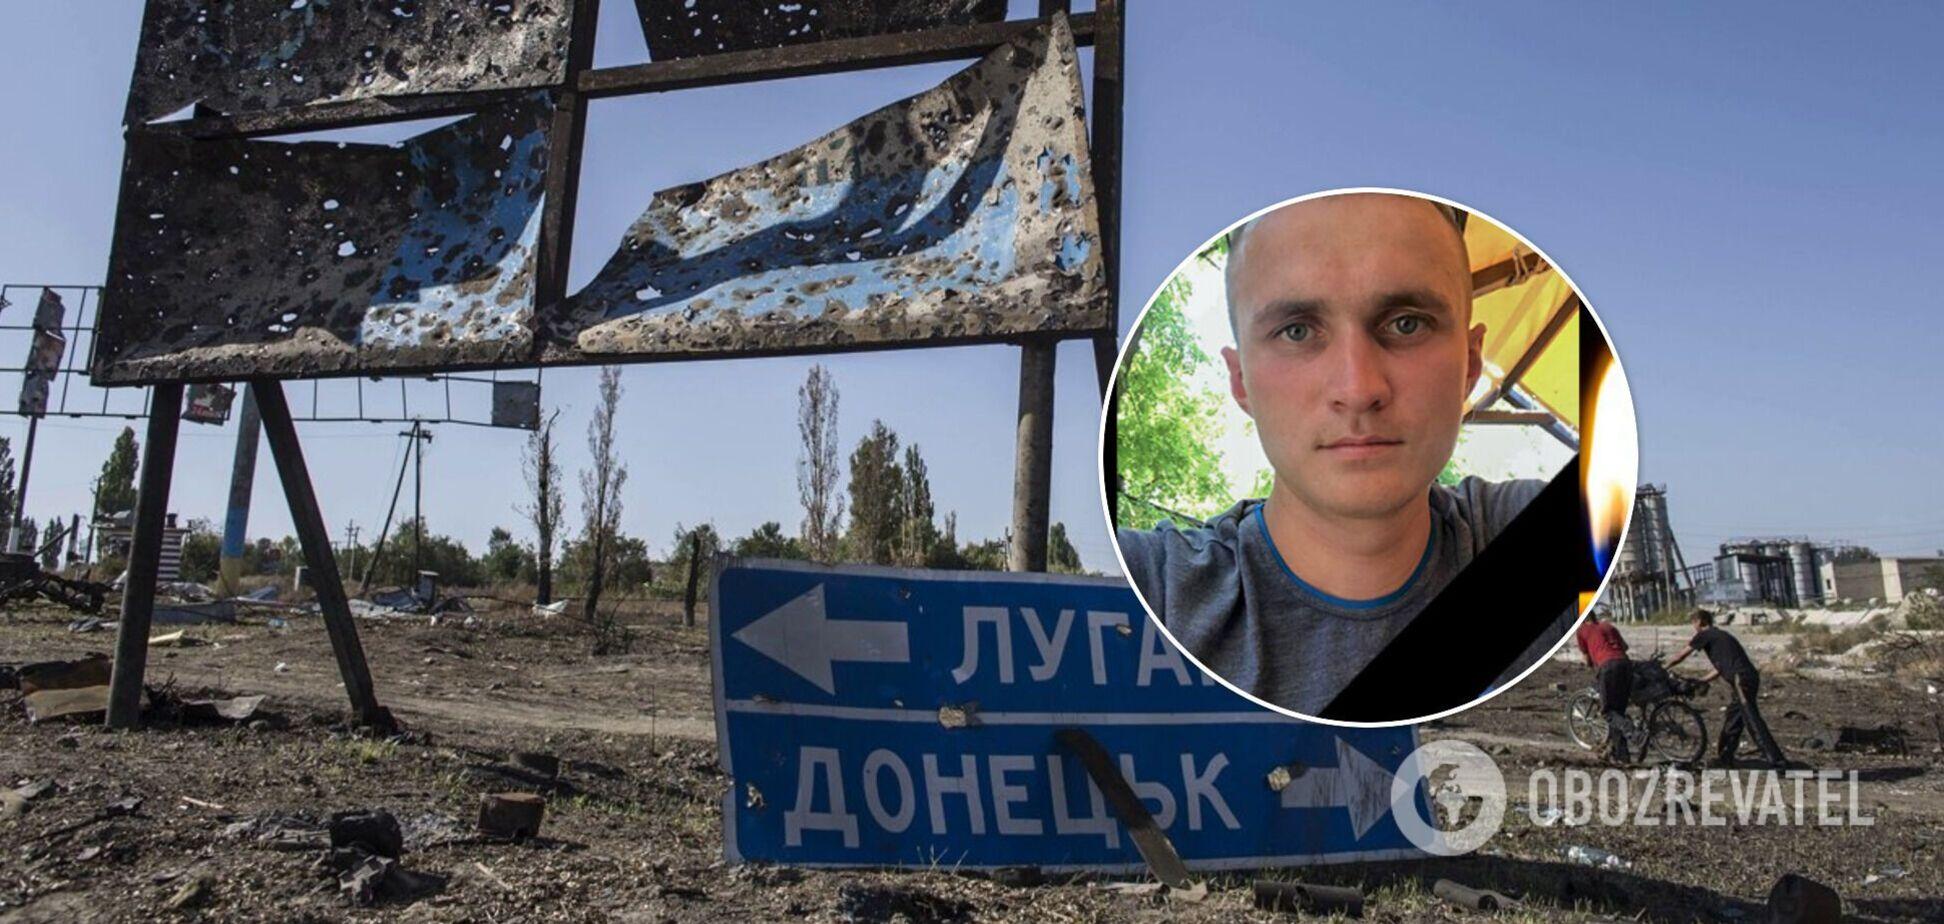 Помер воїн ЗСУ, який отримав кульове поранення під Зайцевим на Донбасі